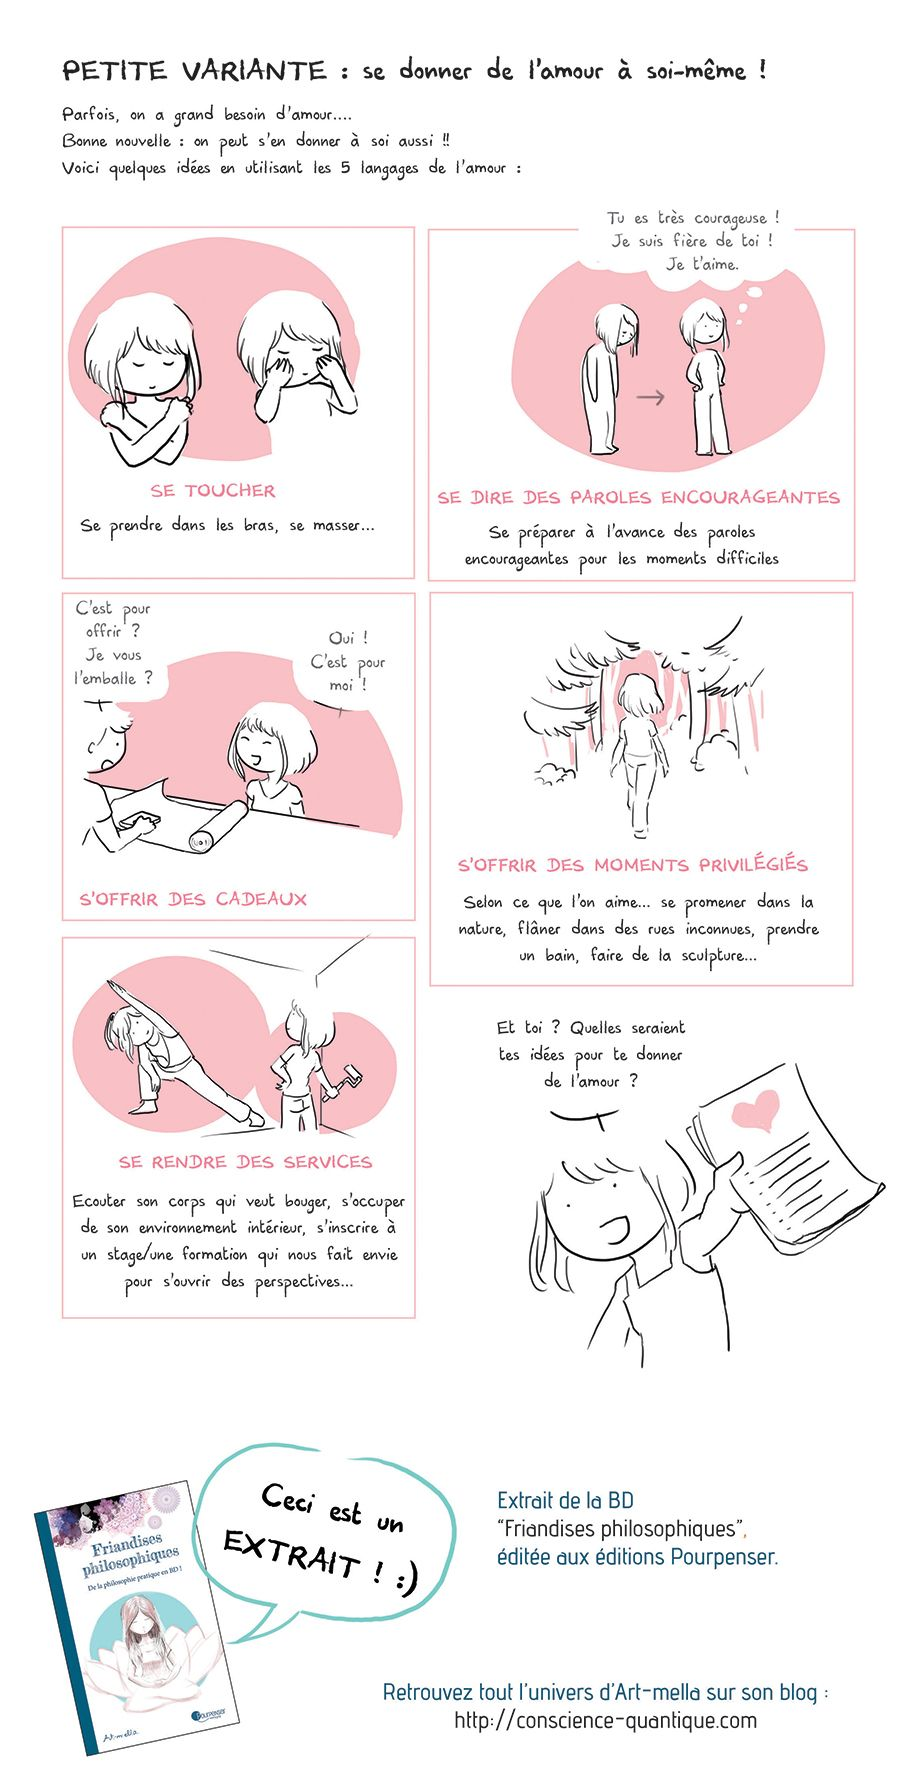 Les 5 Langages De L'amour Test : langages, l'amour, Épinglé, Apprendre, M'aimer